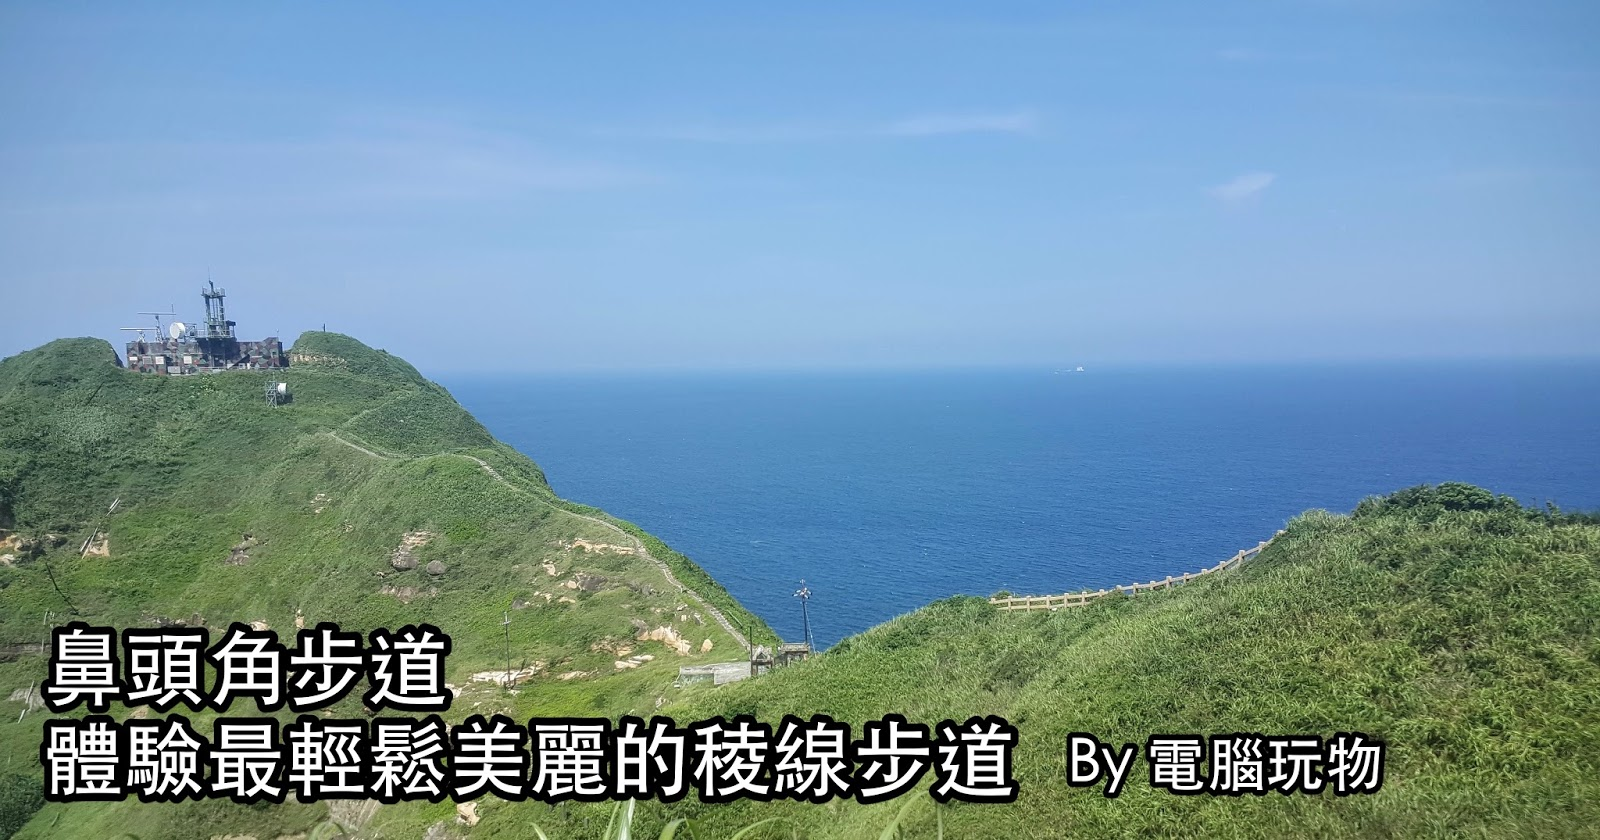 鼻頭角步道,海角天邊不鐵腿的美麗山谷稜線步道